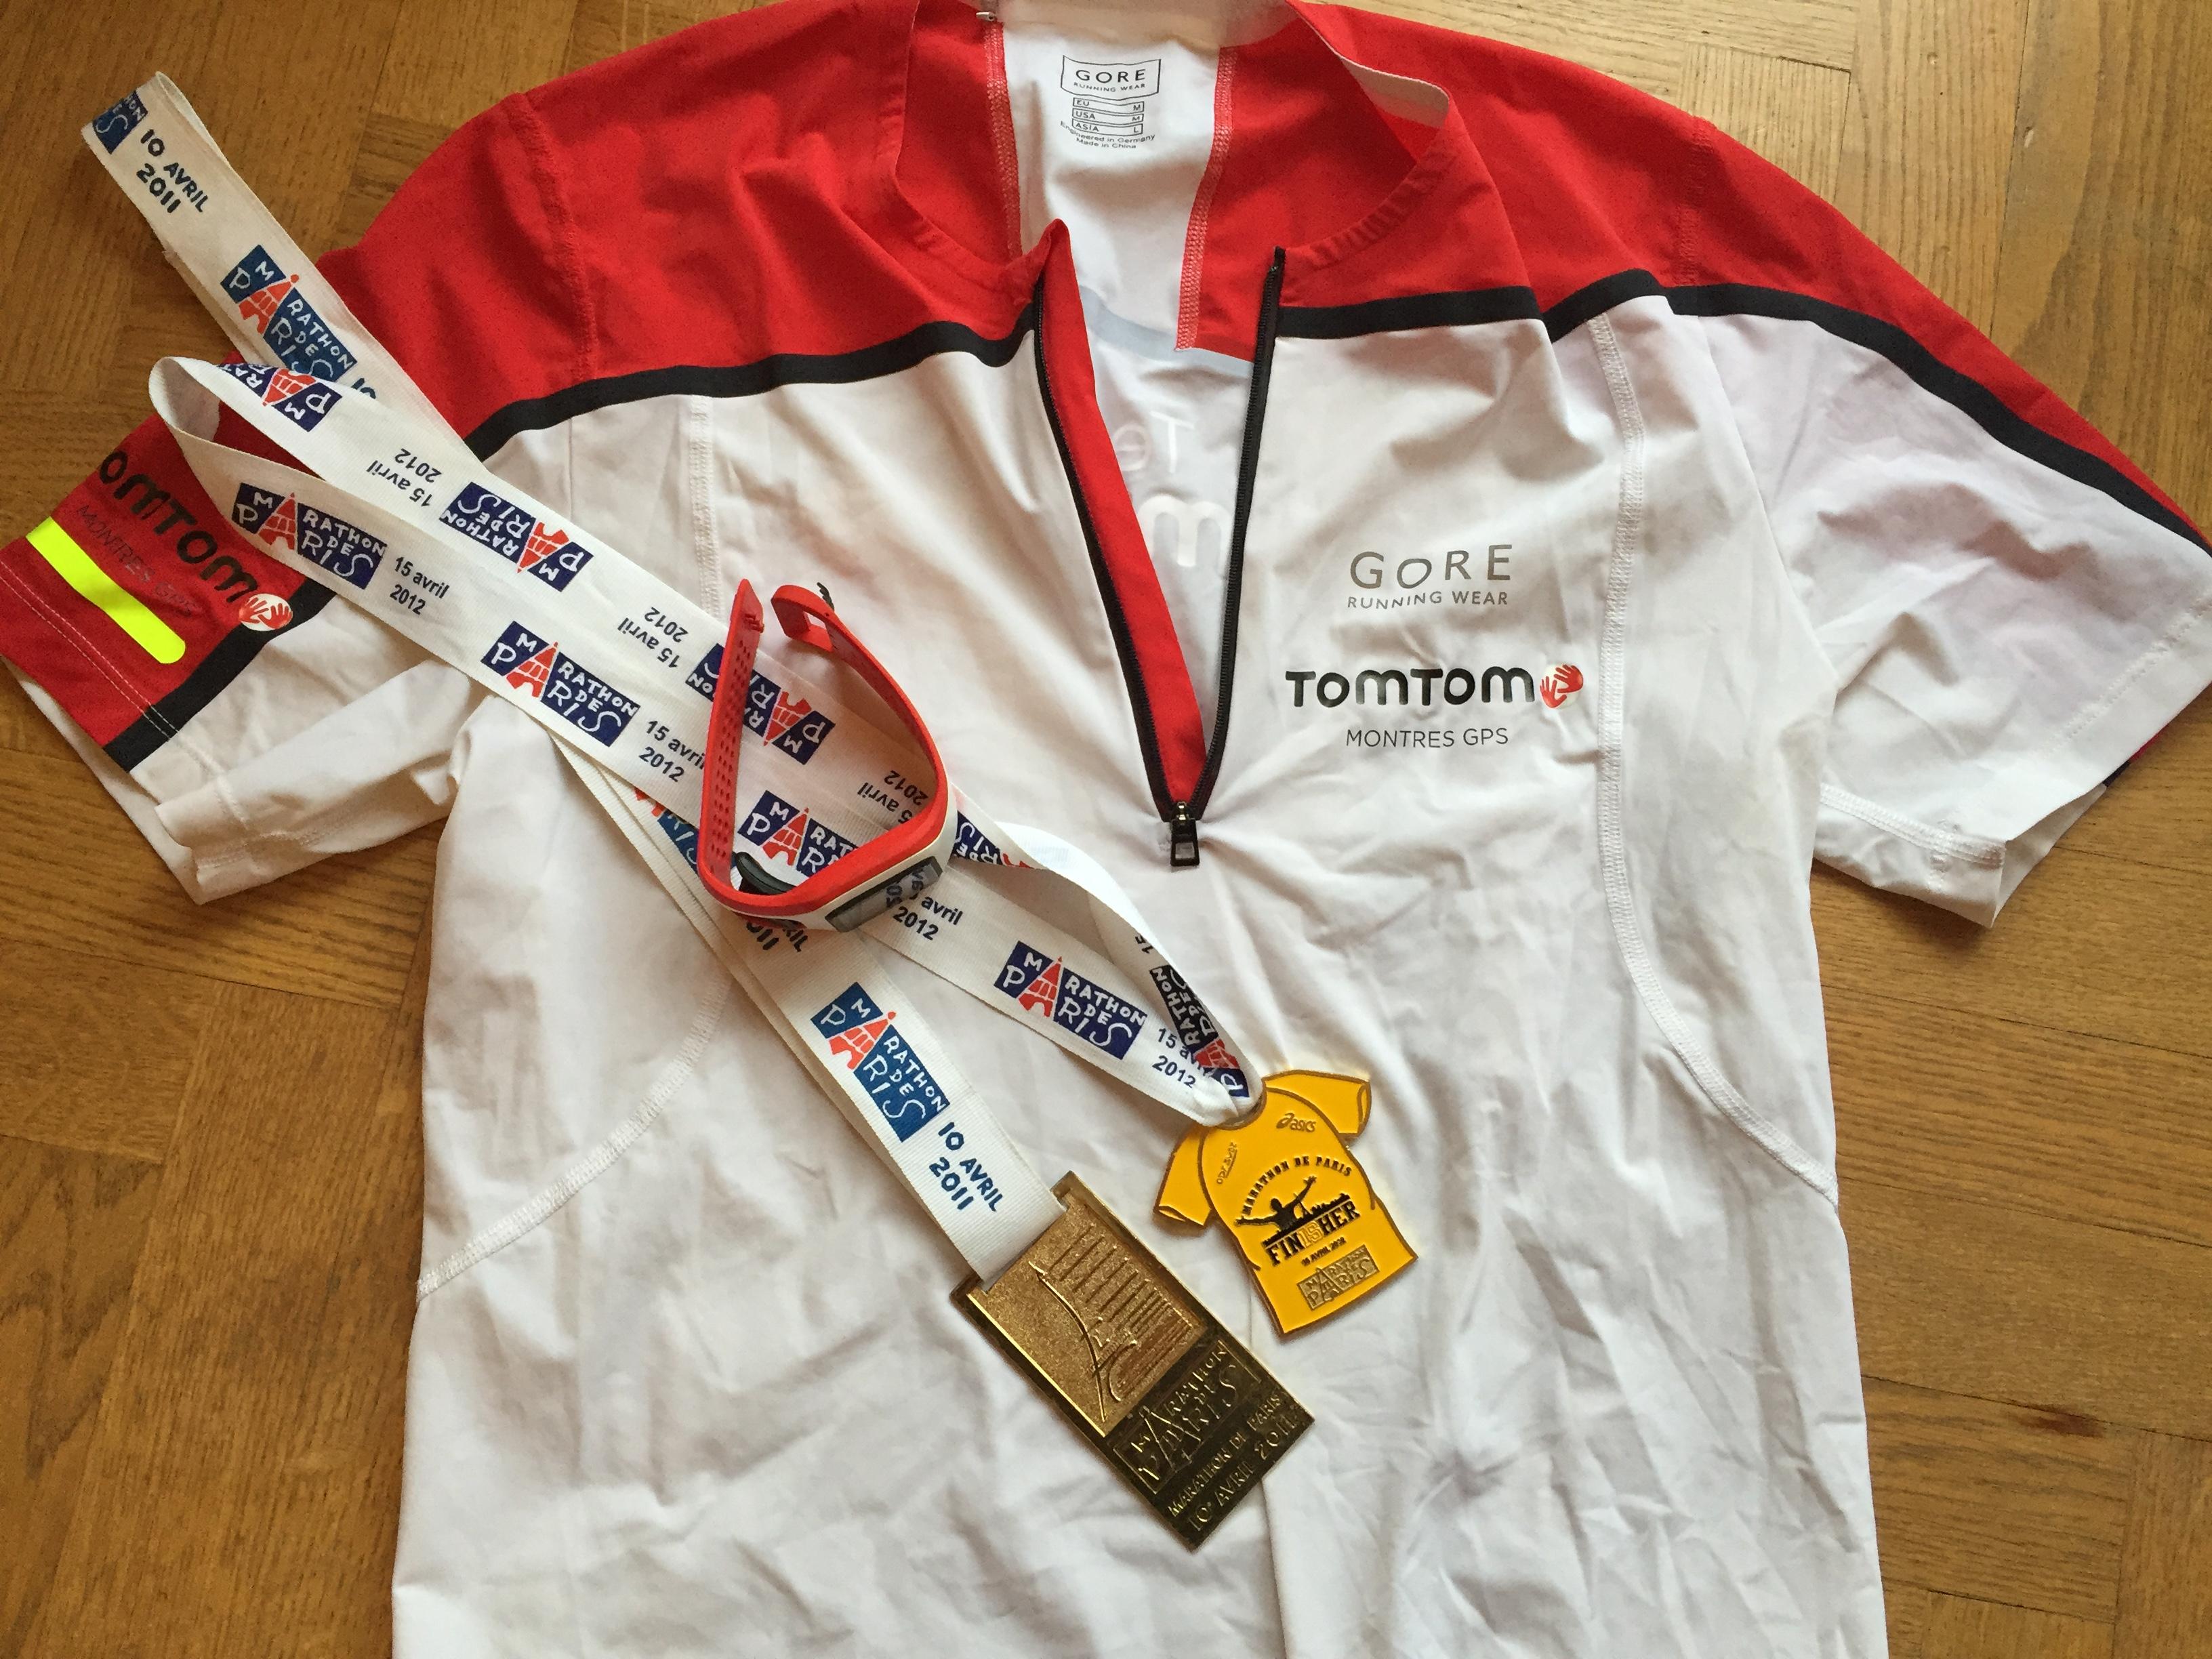 Marathonde PAris 2016 avec la Team Tomtom